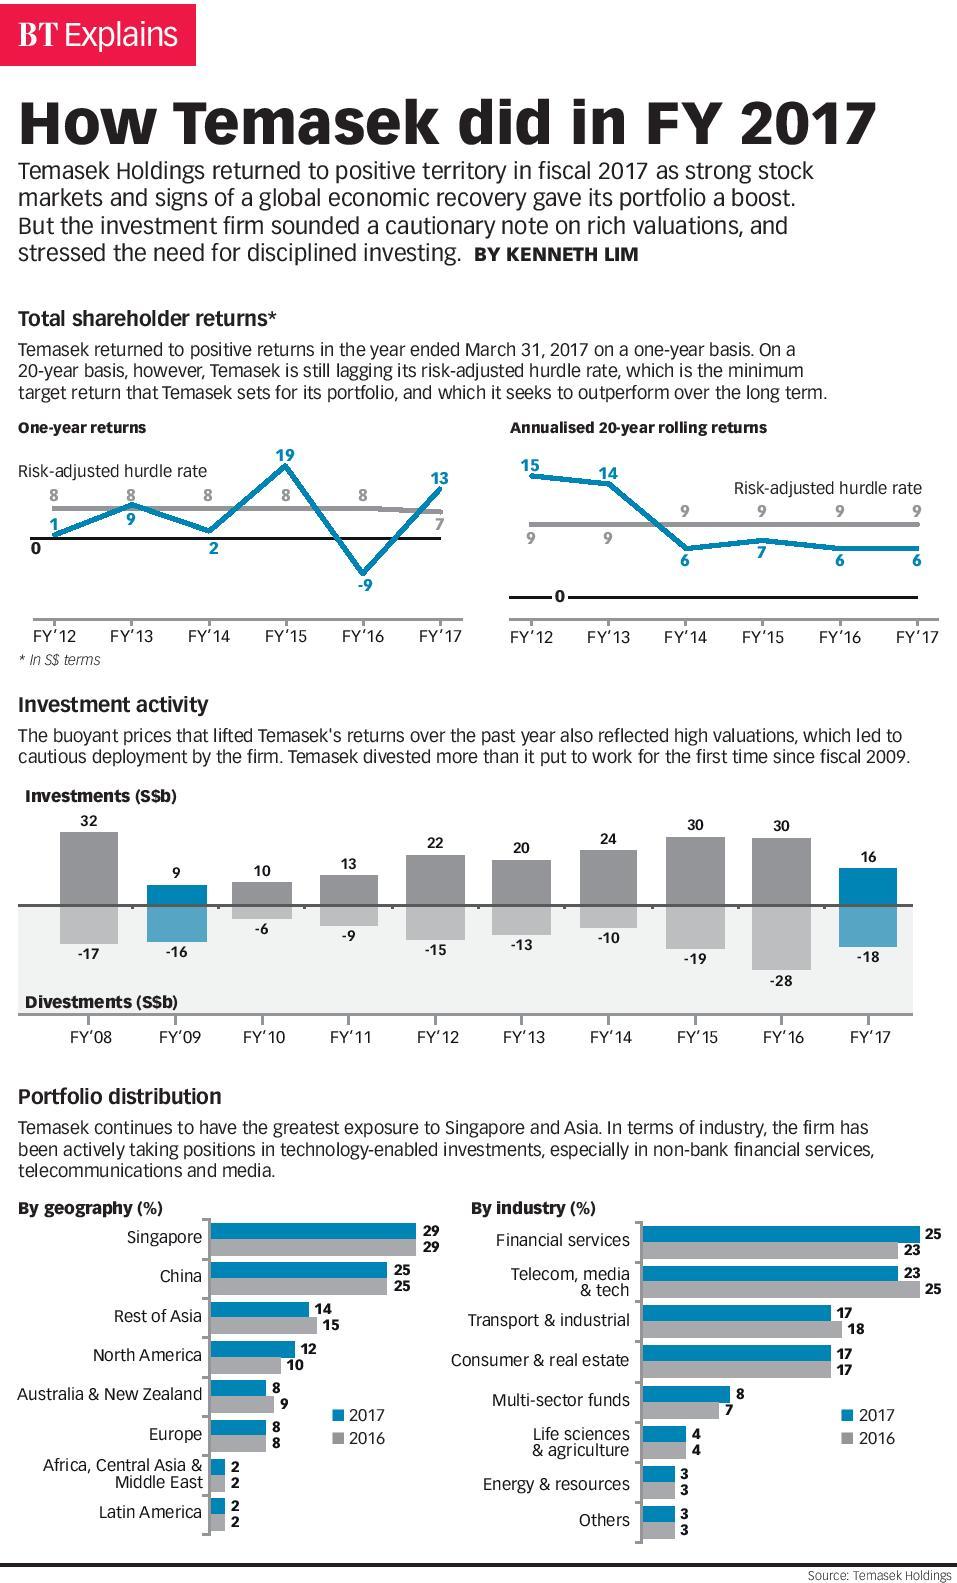 How Temasek did in FY 2017